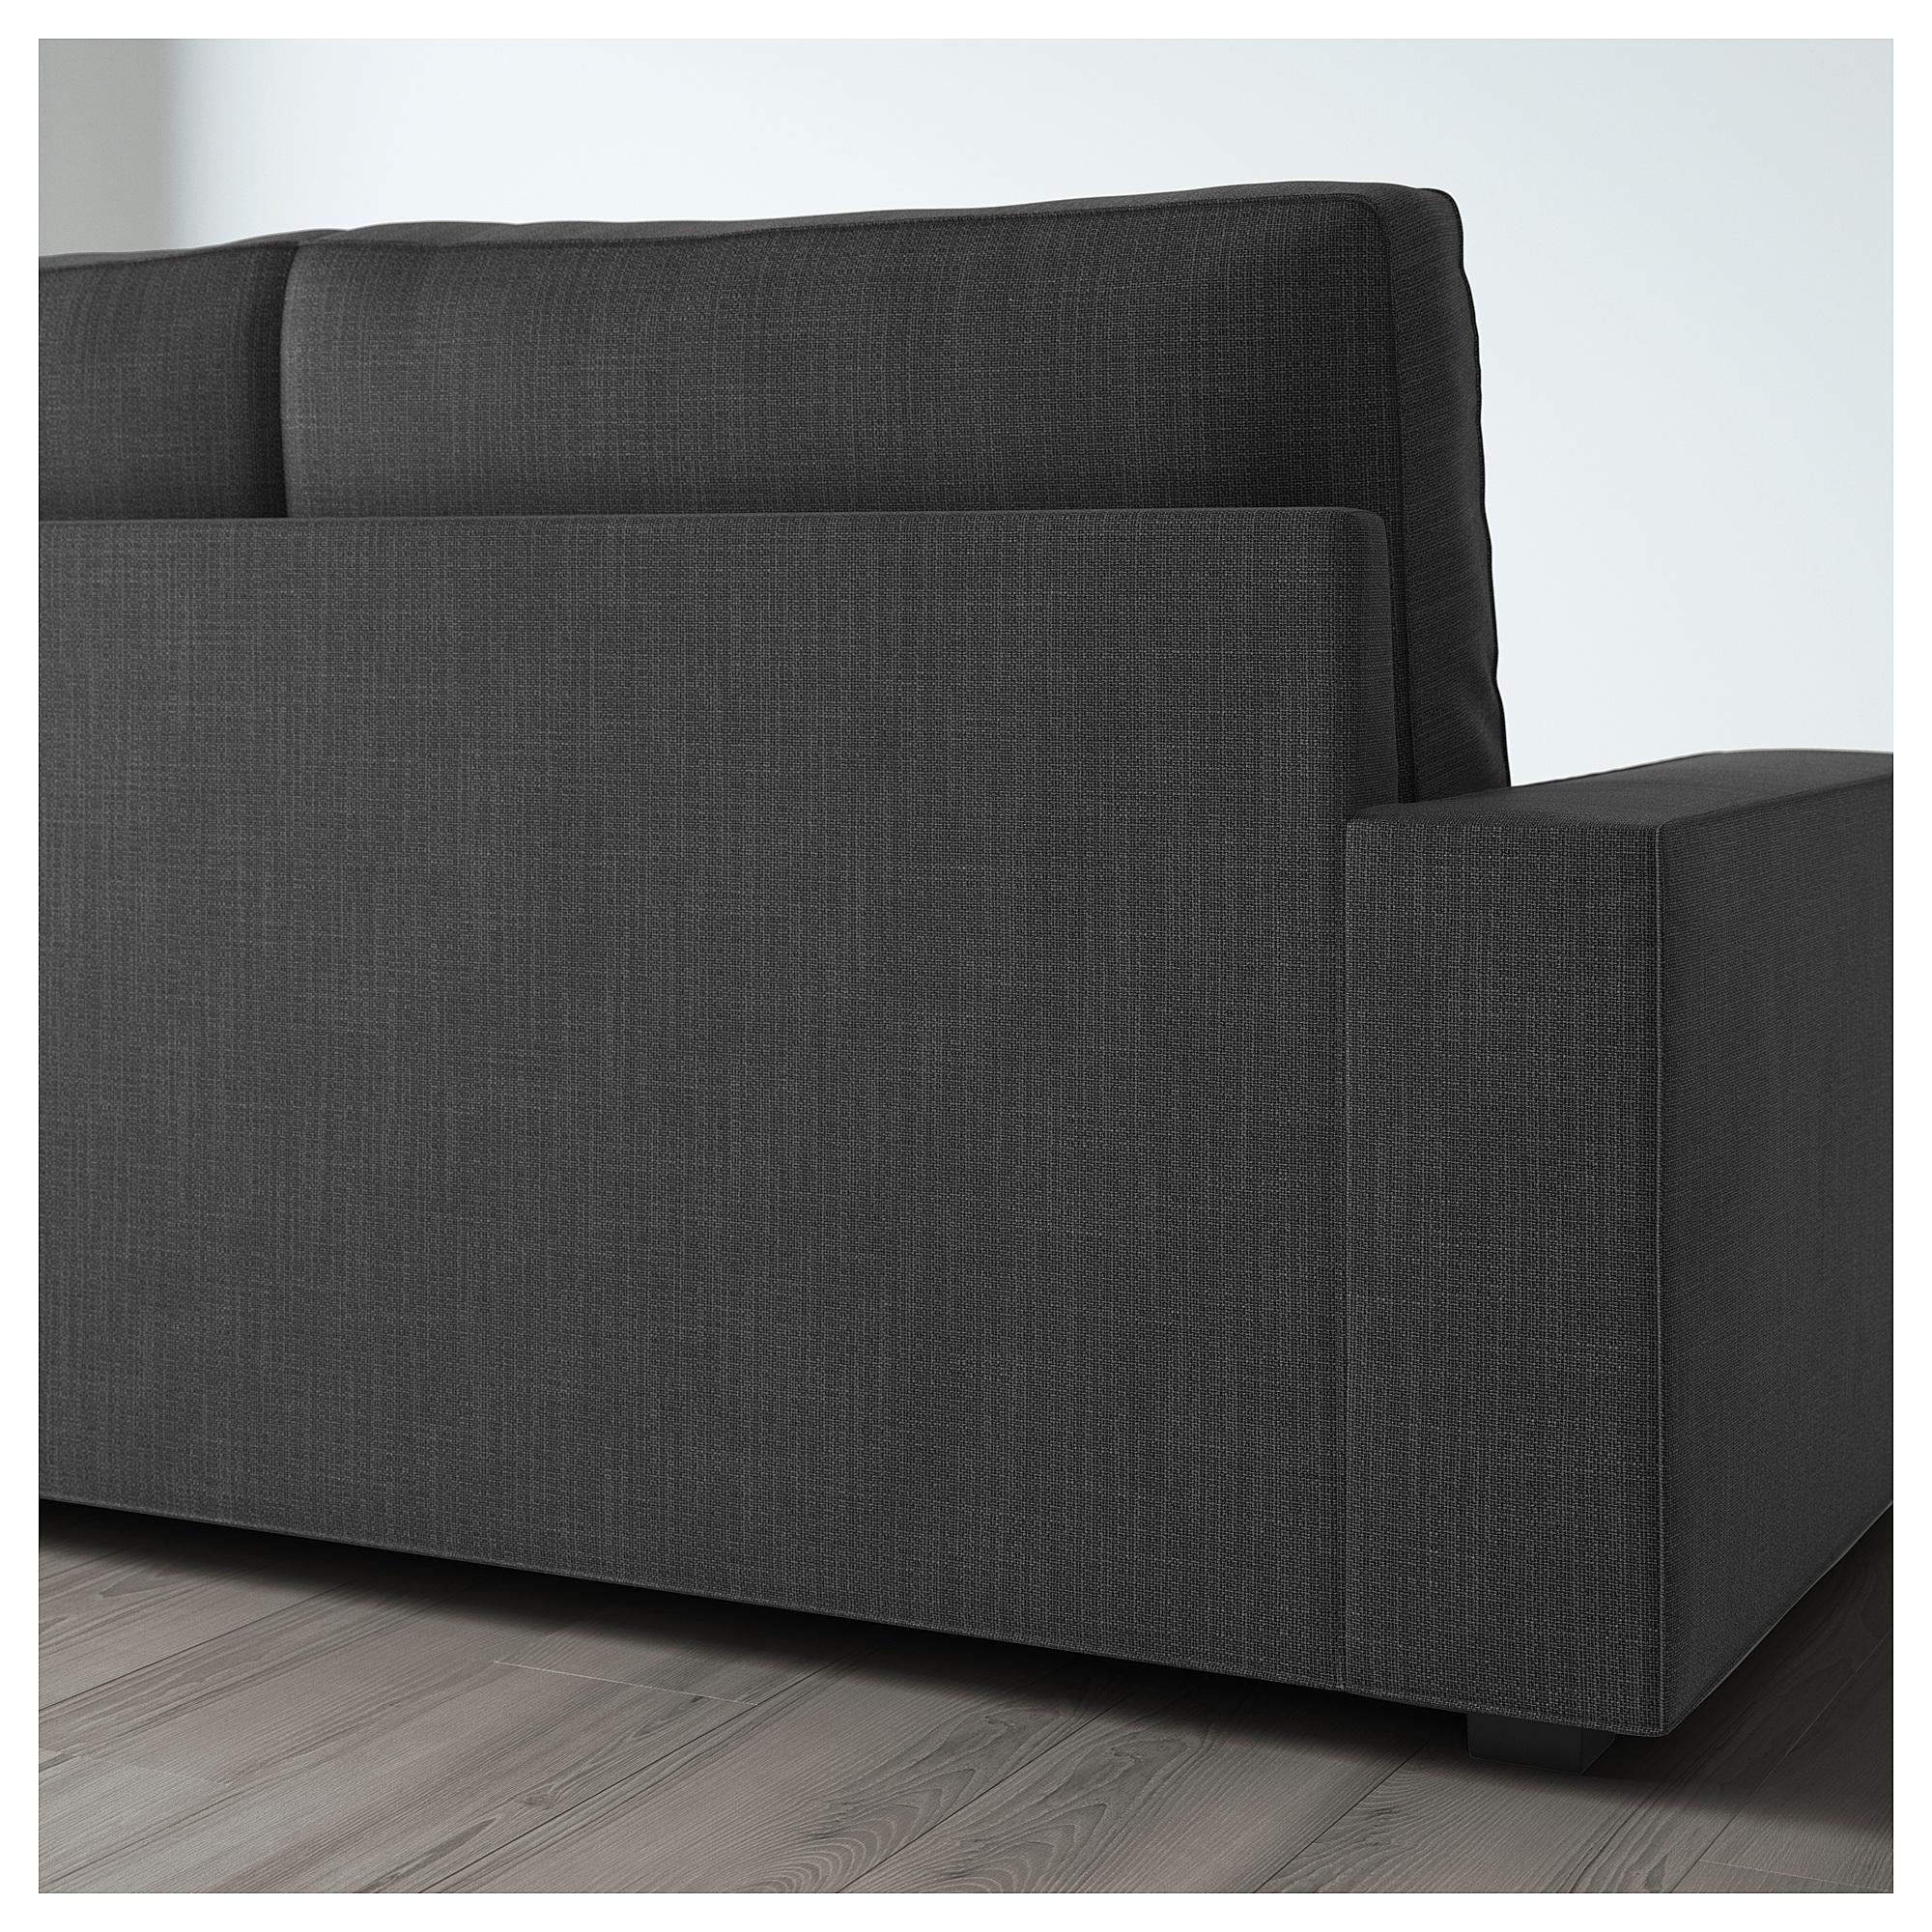 3-местный диван-кровать ВИЛАСУНД антрацит артикуль № 892.824.97 в наличии. Интернет каталог IKEA РБ. Недорогая доставка и установка.